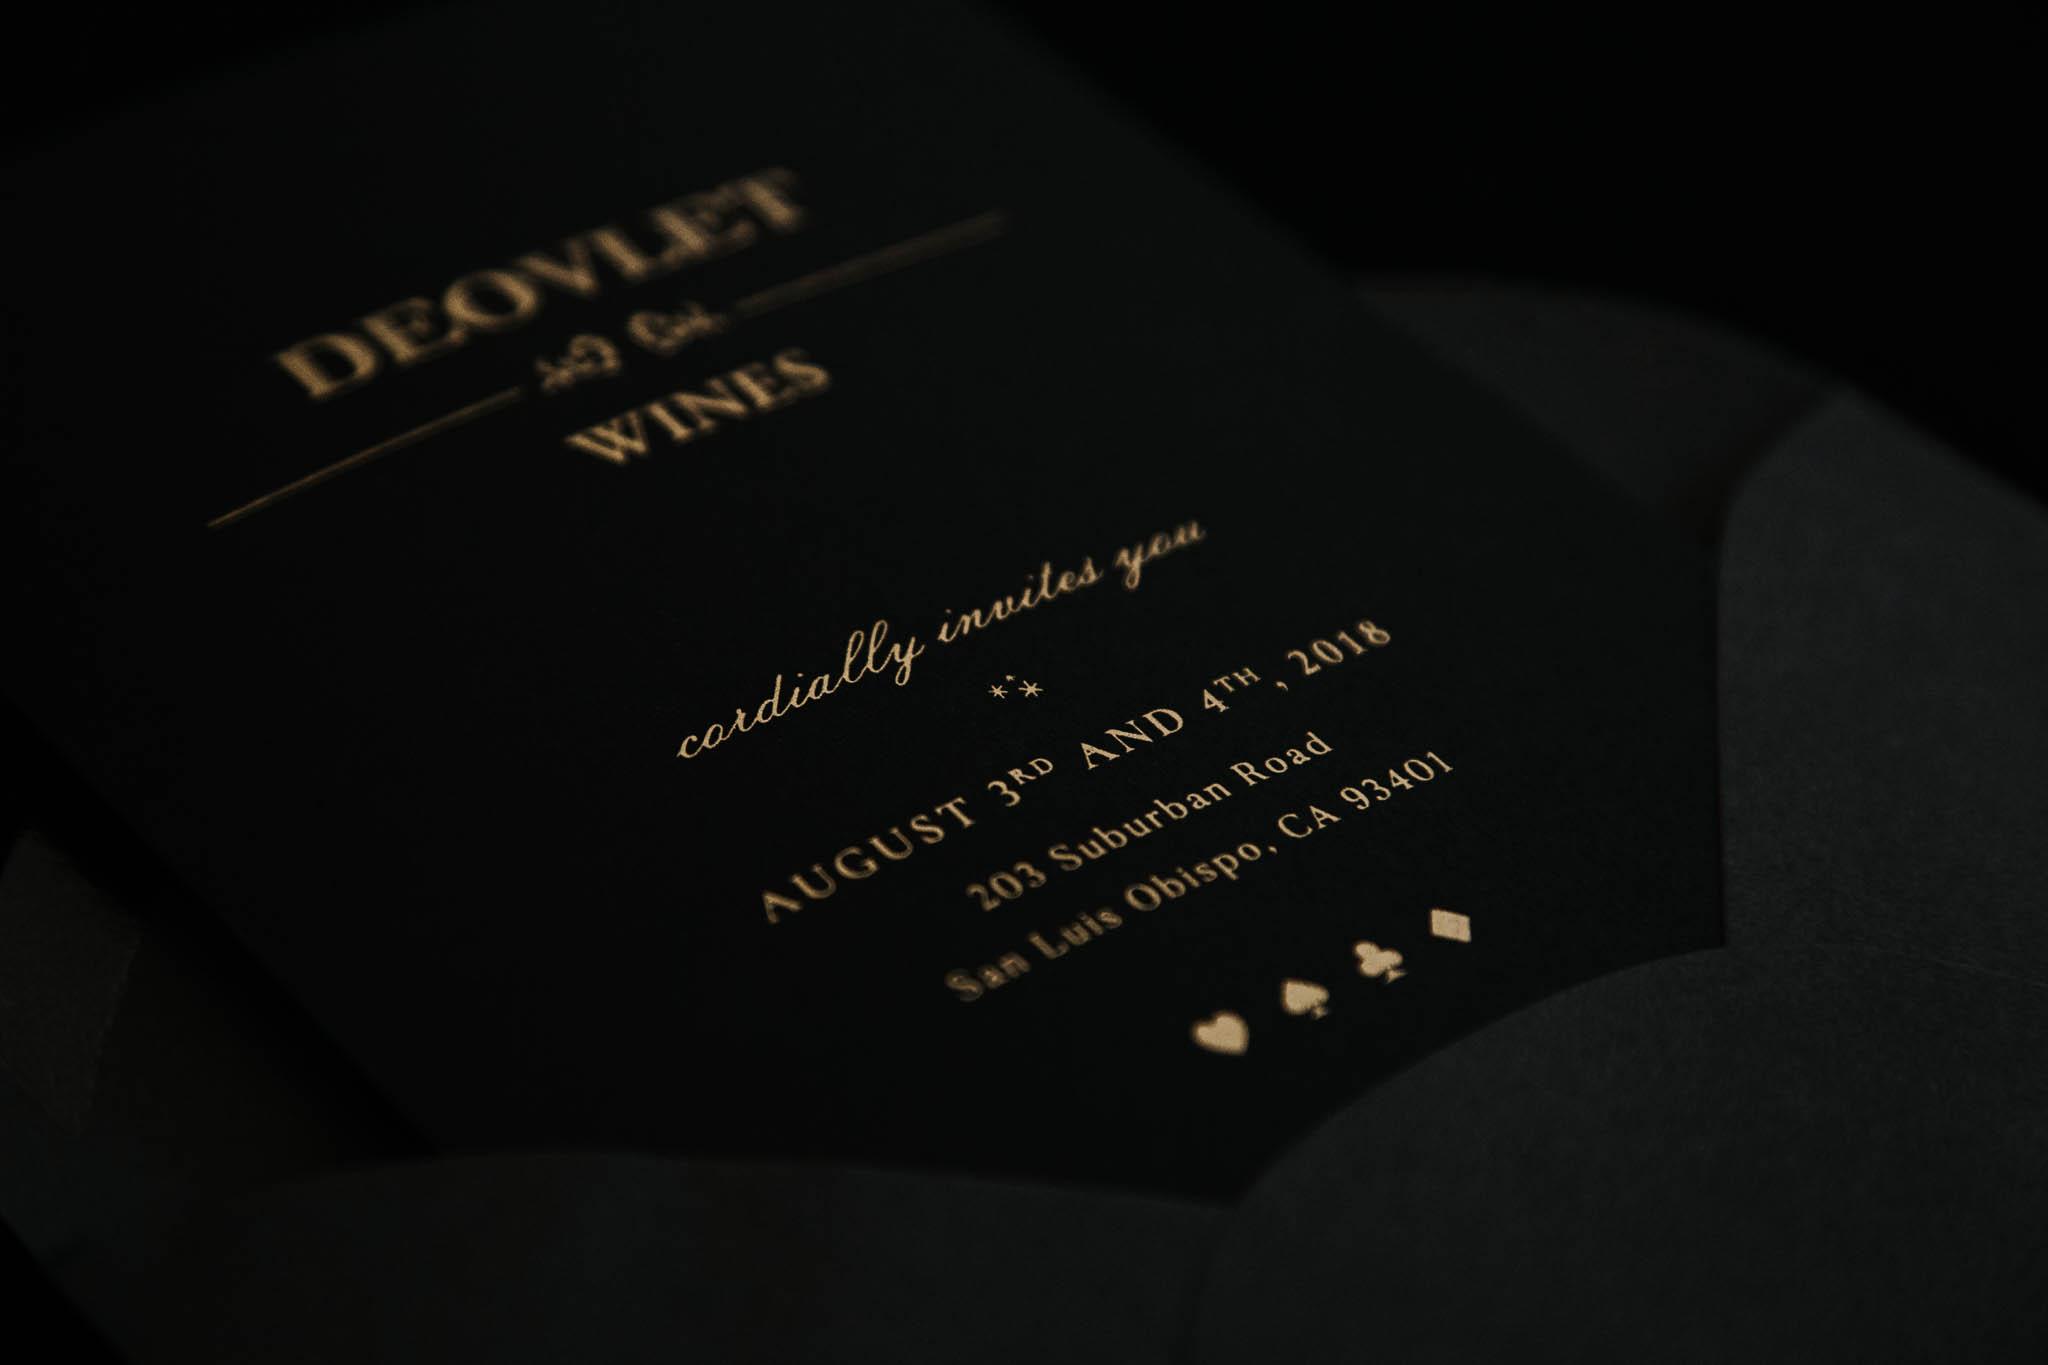 Metallic Gold on Black Custom Invitation Designer Amarie Design Co.